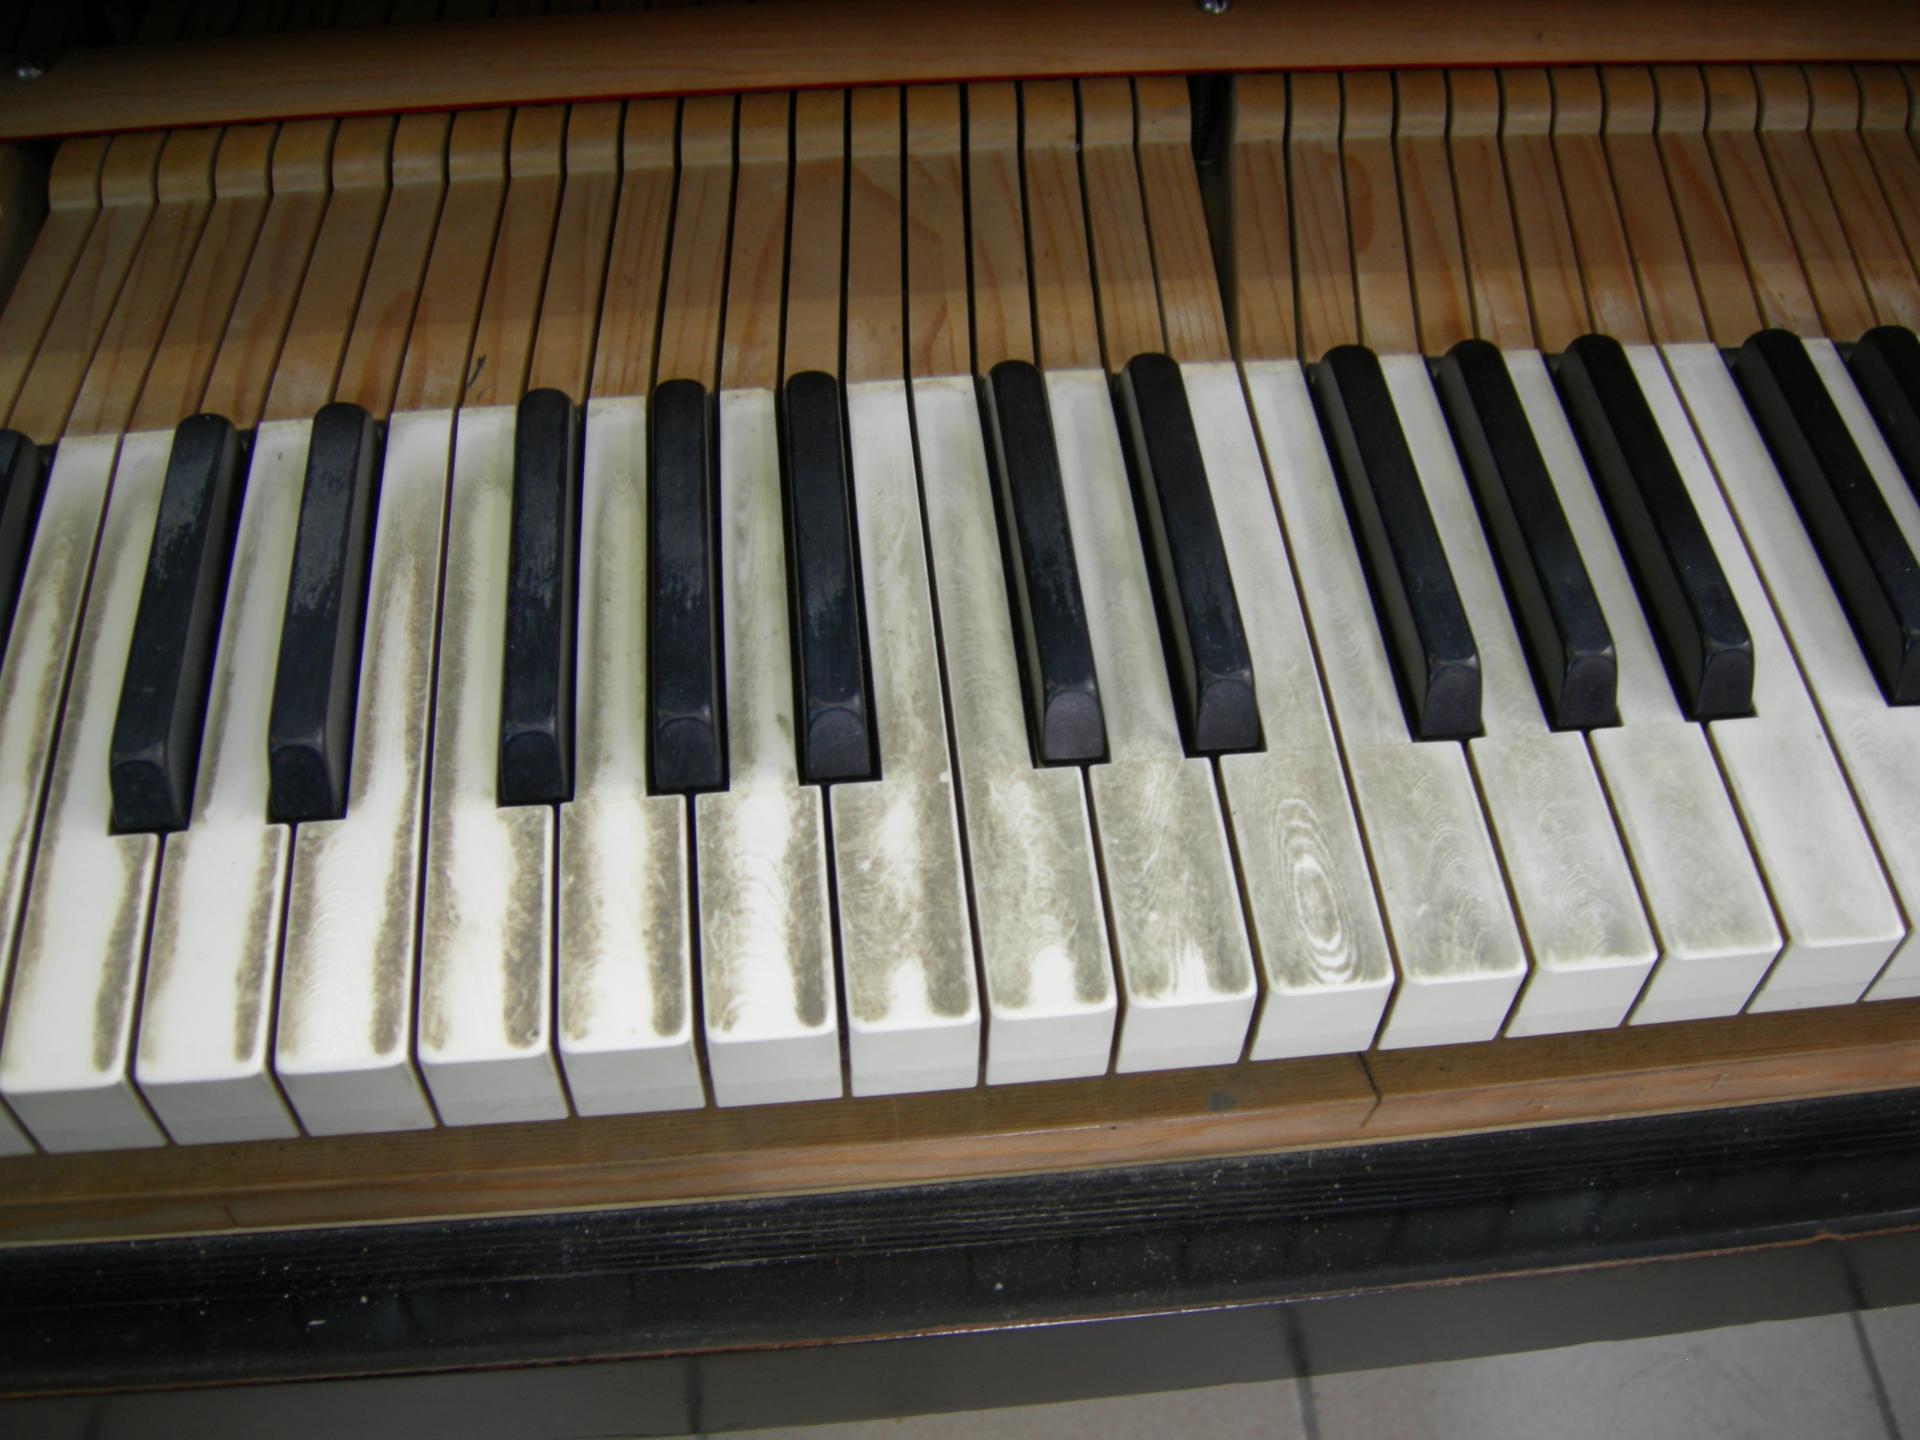 Bosendorfer clavier av